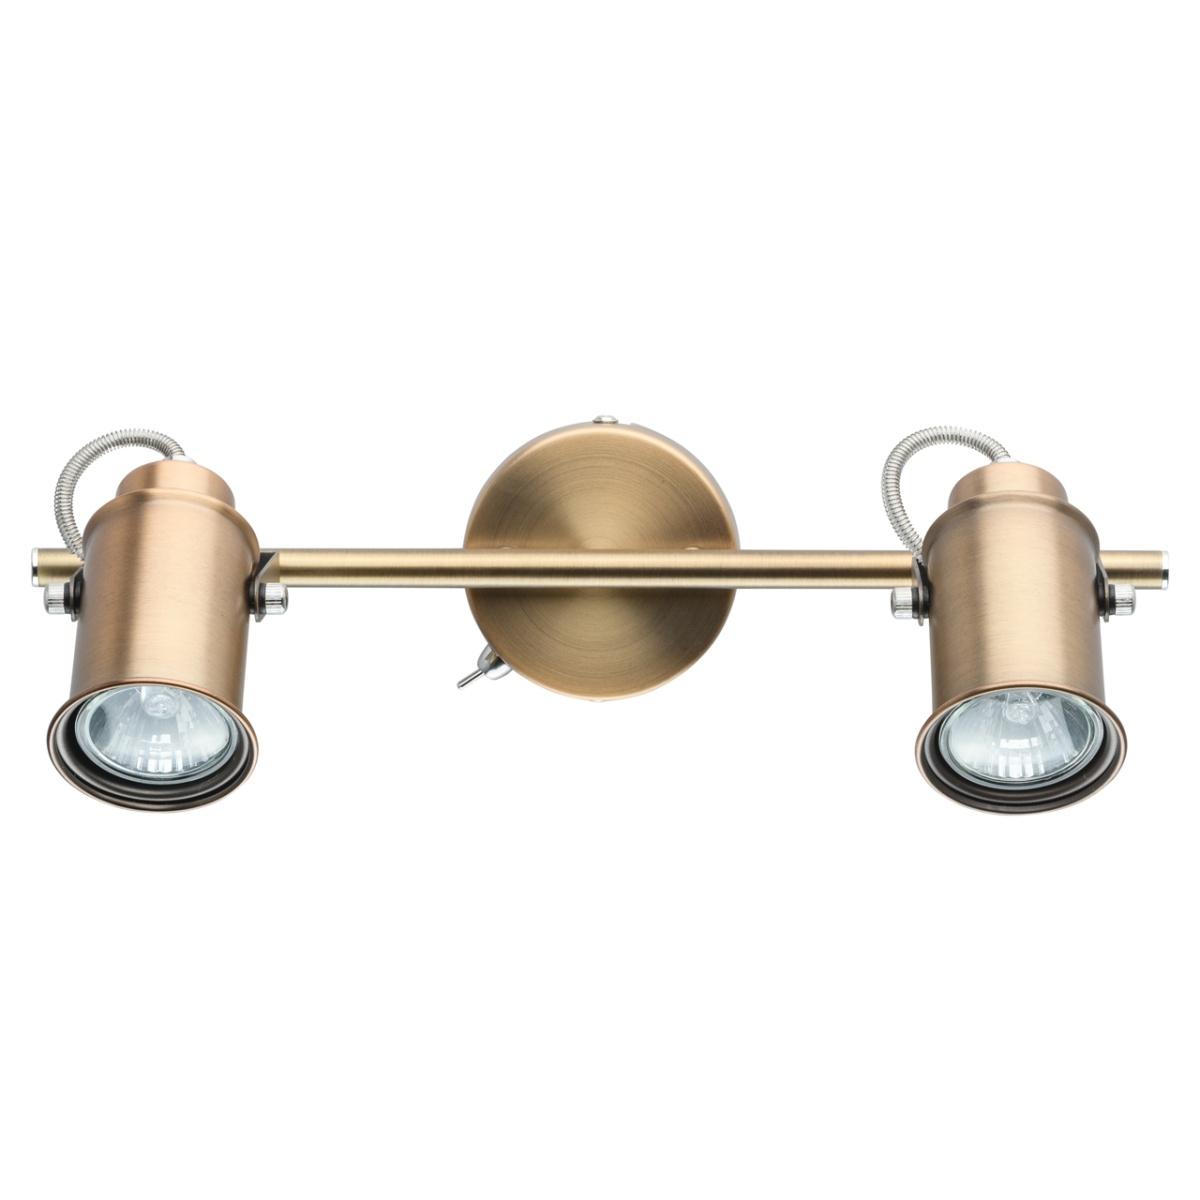 Aplica Regenbogen Industrial 551020402